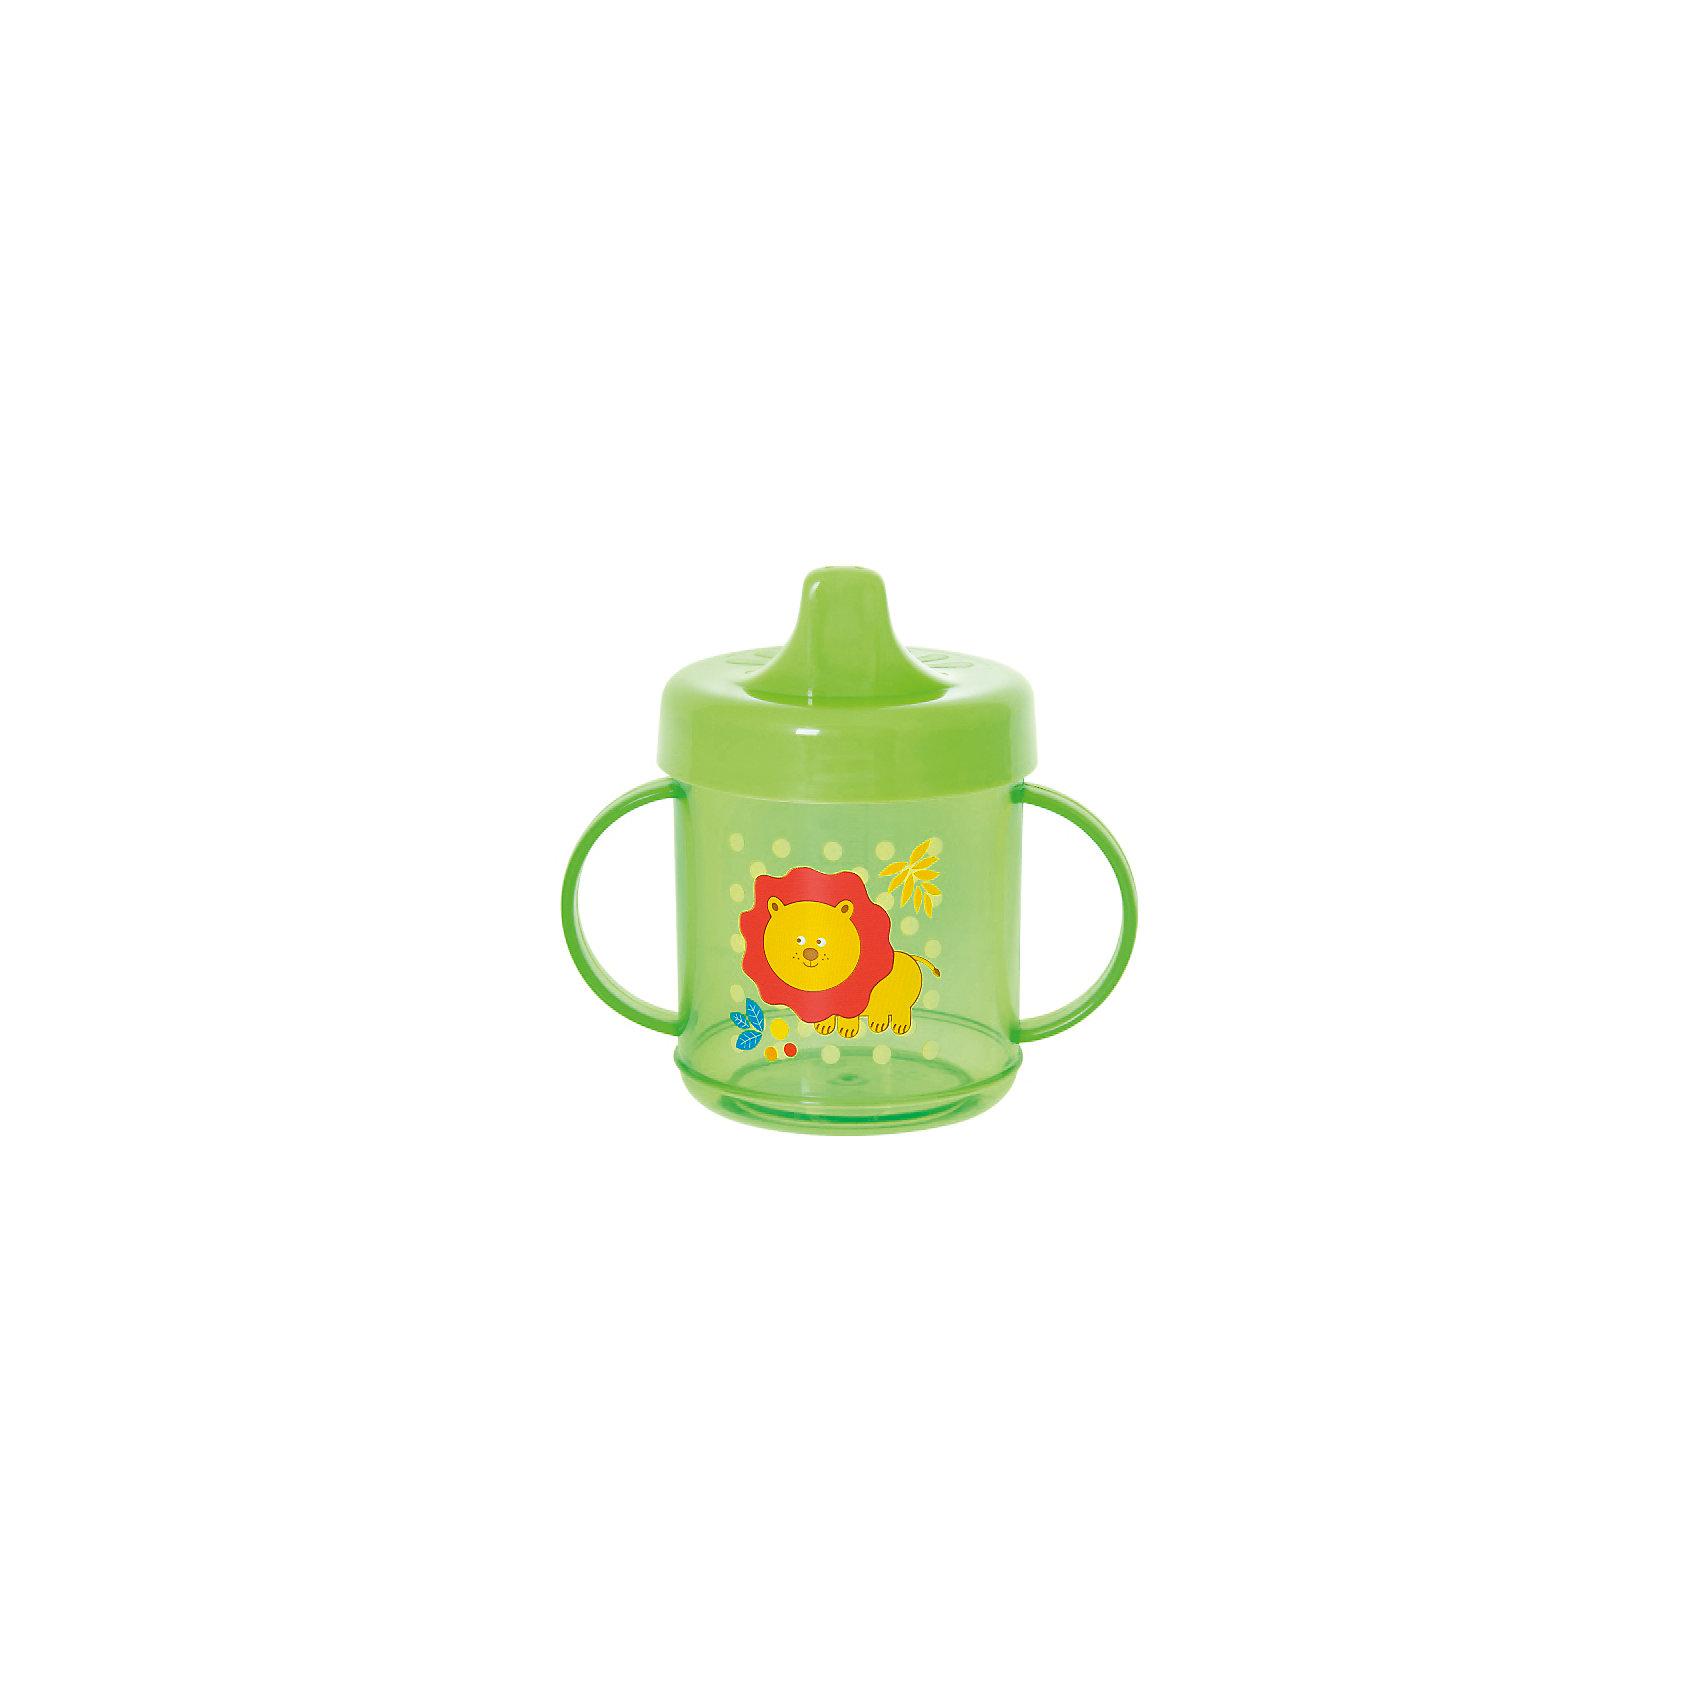 Поильник с ручками, 200 мл, Kurnosiki, зеленыйПоильники<br>Характеристики:<br><br>• Предназначение: для приучения к кружке<br>• Материал: пластик<br>• Пол: универсальный<br>• Цвет: зелёный<br>• Тематика рисунка: бегемотик<br>• Объем: 200 мл<br>• Тип носика: жесткий<br>• Удобный широкий носик<br>• Съемная крышка<br>• На прозрачном стакане нанесена шкала<br>• По бокам на поильнике имеются ручки<br>• Можно использовать как для холодных, так и для горячих напитков<br>• Вес: 100 г<br>• Особенности ухода: разрешается мыть в посудомоечной машине<br><br>Поильник прозрачный с ручками, 200 мл, Kurnosiki, фиолетовый изготовлен из безопасного и ударопрочного пластика, устойчивого к появлению царапин и сколов. Форма изделия выполнена с учетом особенностей размера детских ручек, по бокам имеются ручки, поэтому малышу будет удобно его держать самостоятельно. Крышка оснащена твердым широким носиком, который обеспечивает оптимальный поток жидкости. На прозрачном стакане нанесена шкала, что позволяет контролировать уровень жидкости. <br><br>Изделие выполнено в ярком дизайне: стакан декорирован изображением бегемотика. Без крышки изделие можно использовать в качестве стакана. С поильником прозрачным с ручками, 200 мл, Kurnosiki, фиолетовый ваш малыш легко и быстро научится пить из кружки!<br><br>Поильник прозрачный с ручками, 200 мл, Kurnosiki, фиолетовый можно купить в нашем интернет-магазине.<br><br>Ширина мм: 70<br>Глубина мм: 120<br>Высота мм: 165<br>Вес г: 104<br>Возраст от месяцев: 4<br>Возраст до месяцев: 36<br>Пол: Унисекс<br>Возраст: Детский<br>SKU: 5428744